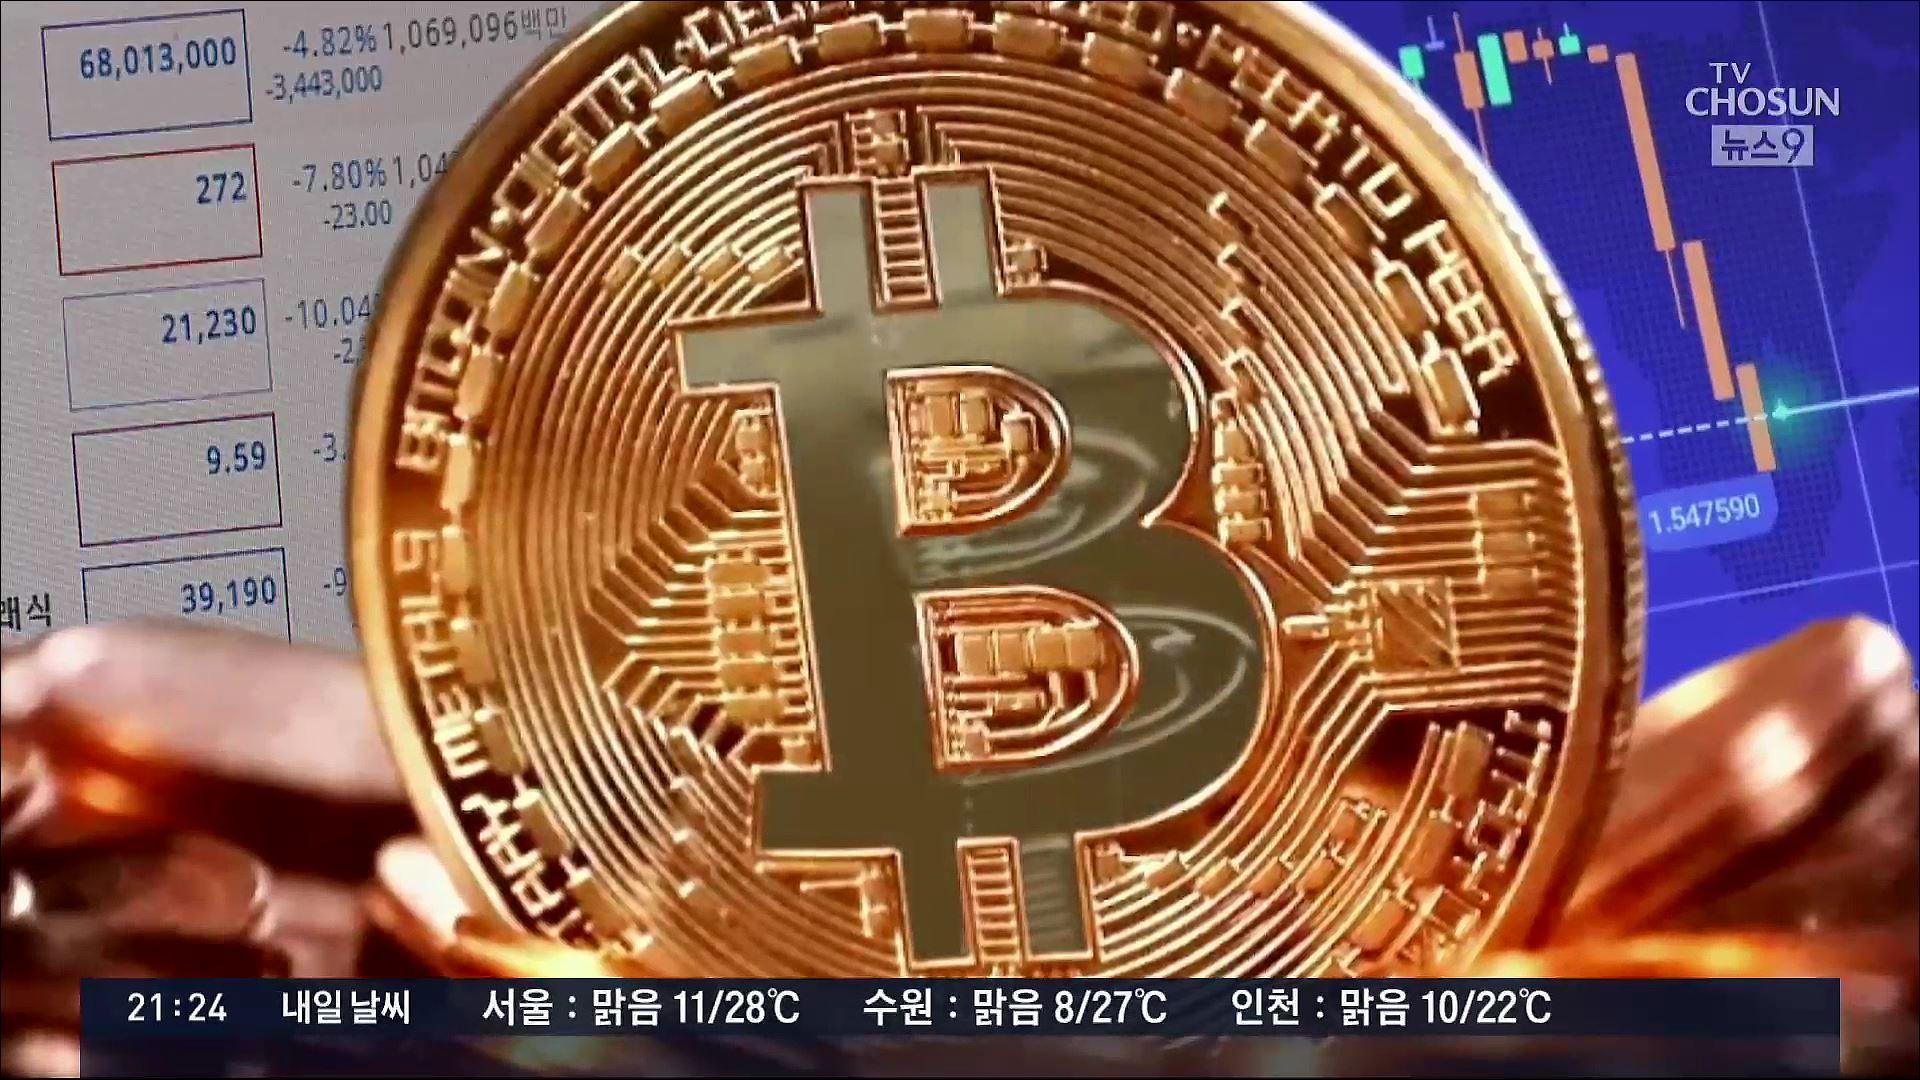 [포커스] 비트코인 폭락…'벼락거지 될라' 투자했다 '발동동'